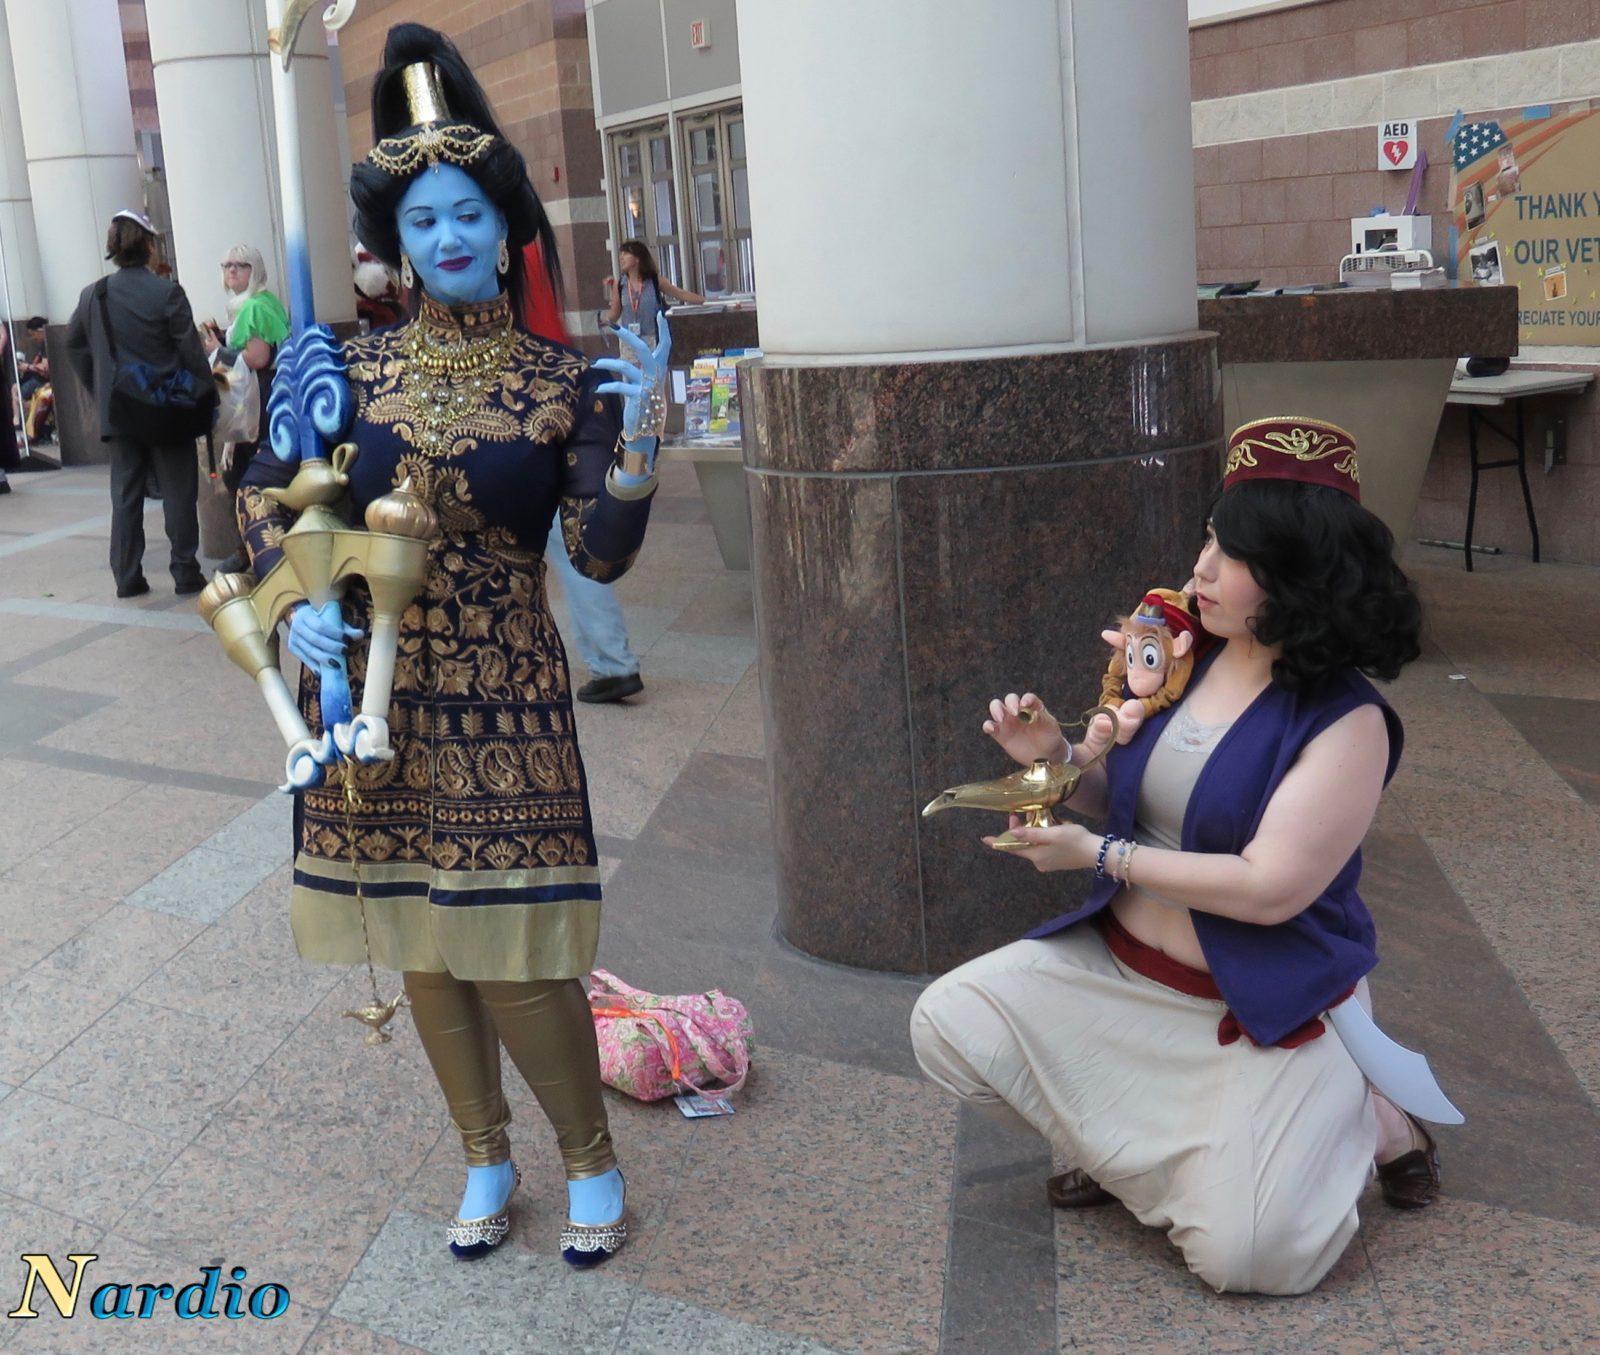 Aladdin and Genie AnimeNext Cosplay 3